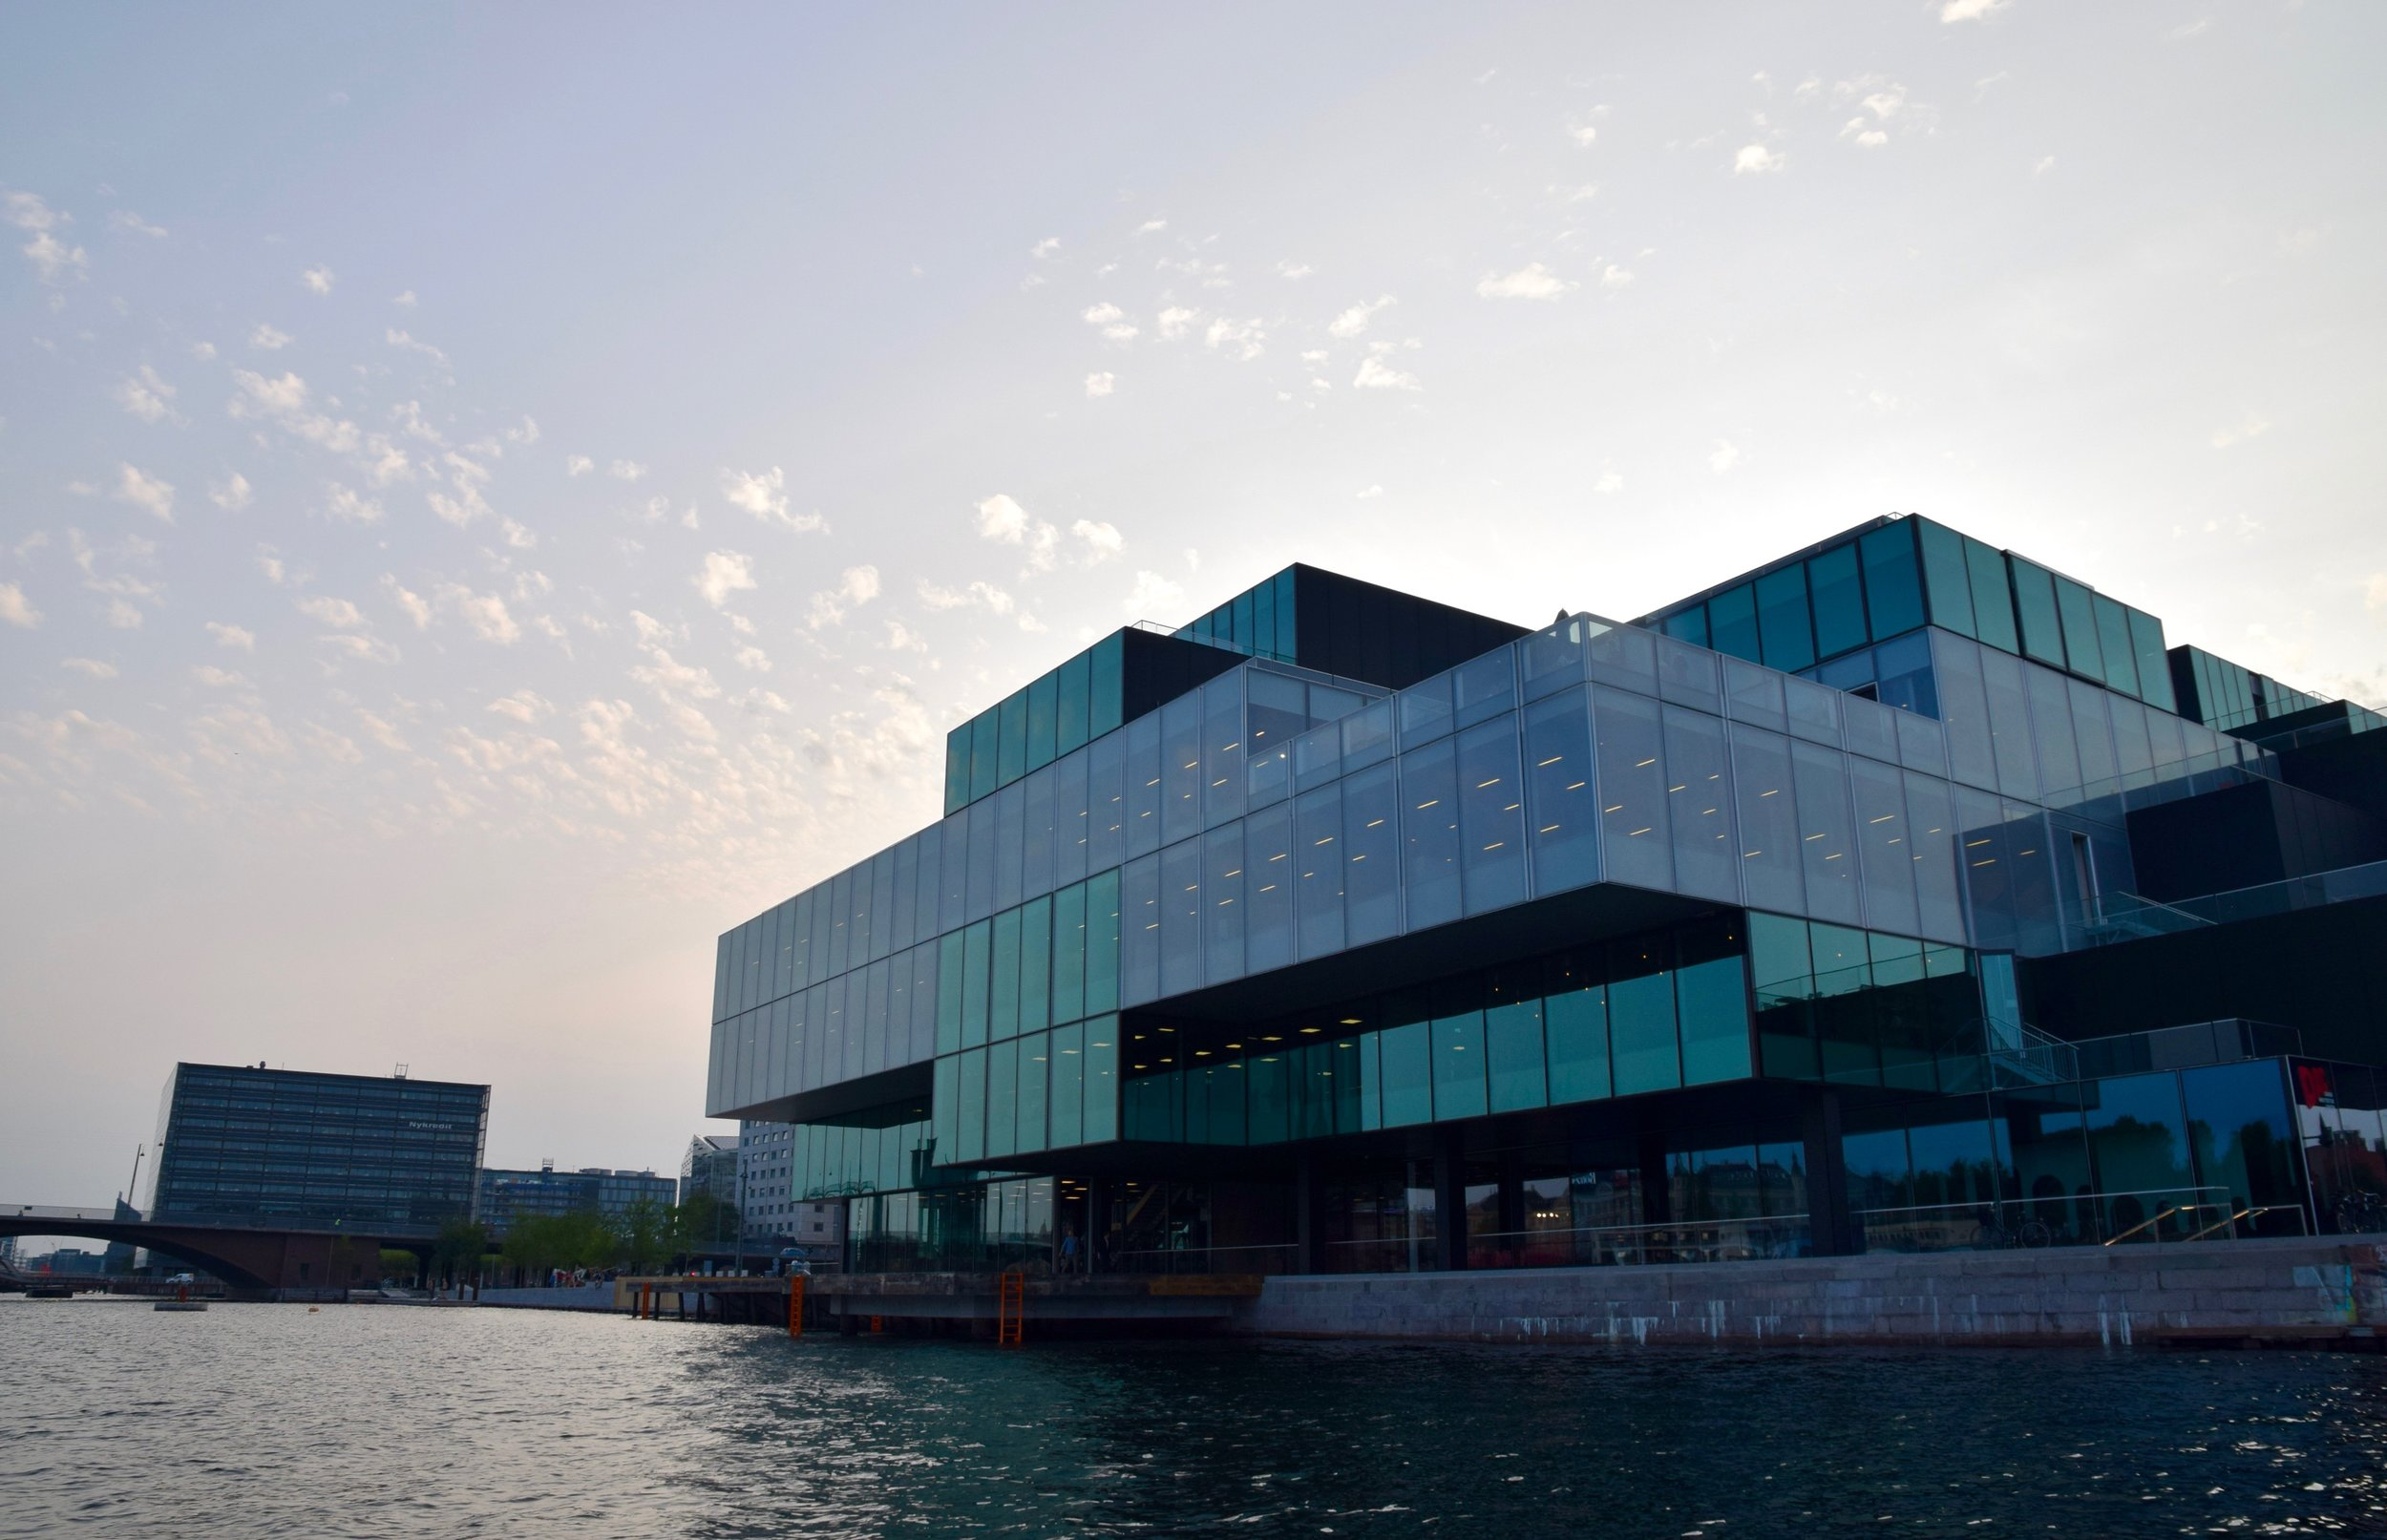 DAC (Dansk Arkitektur Center)